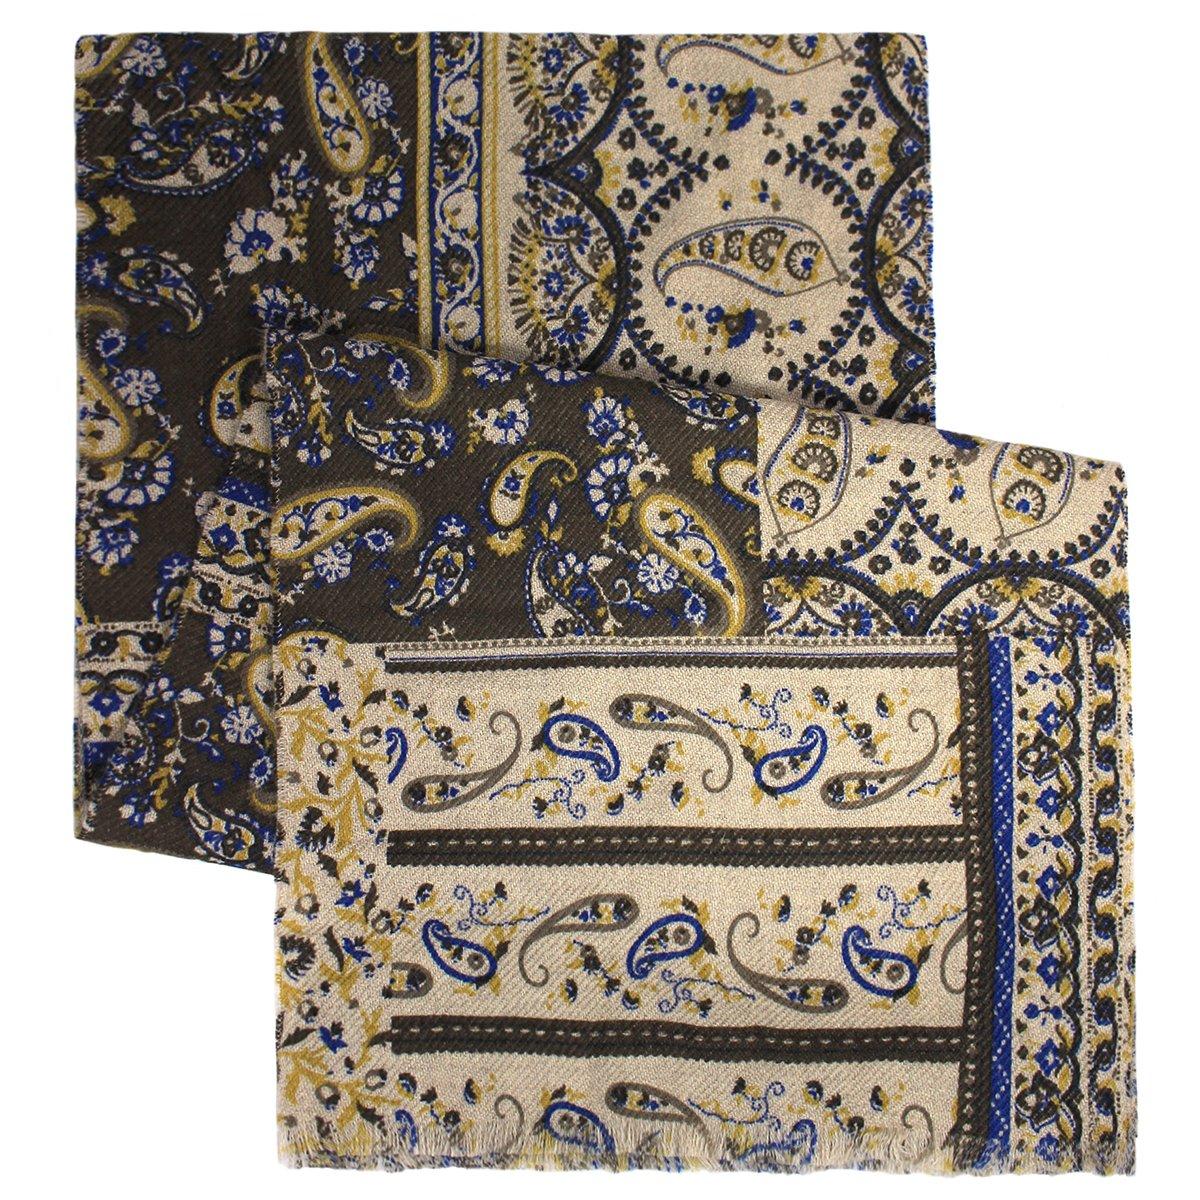 Mens Wool Knit Paisley Scarf Bloomingdales MA.AL.BI Brown